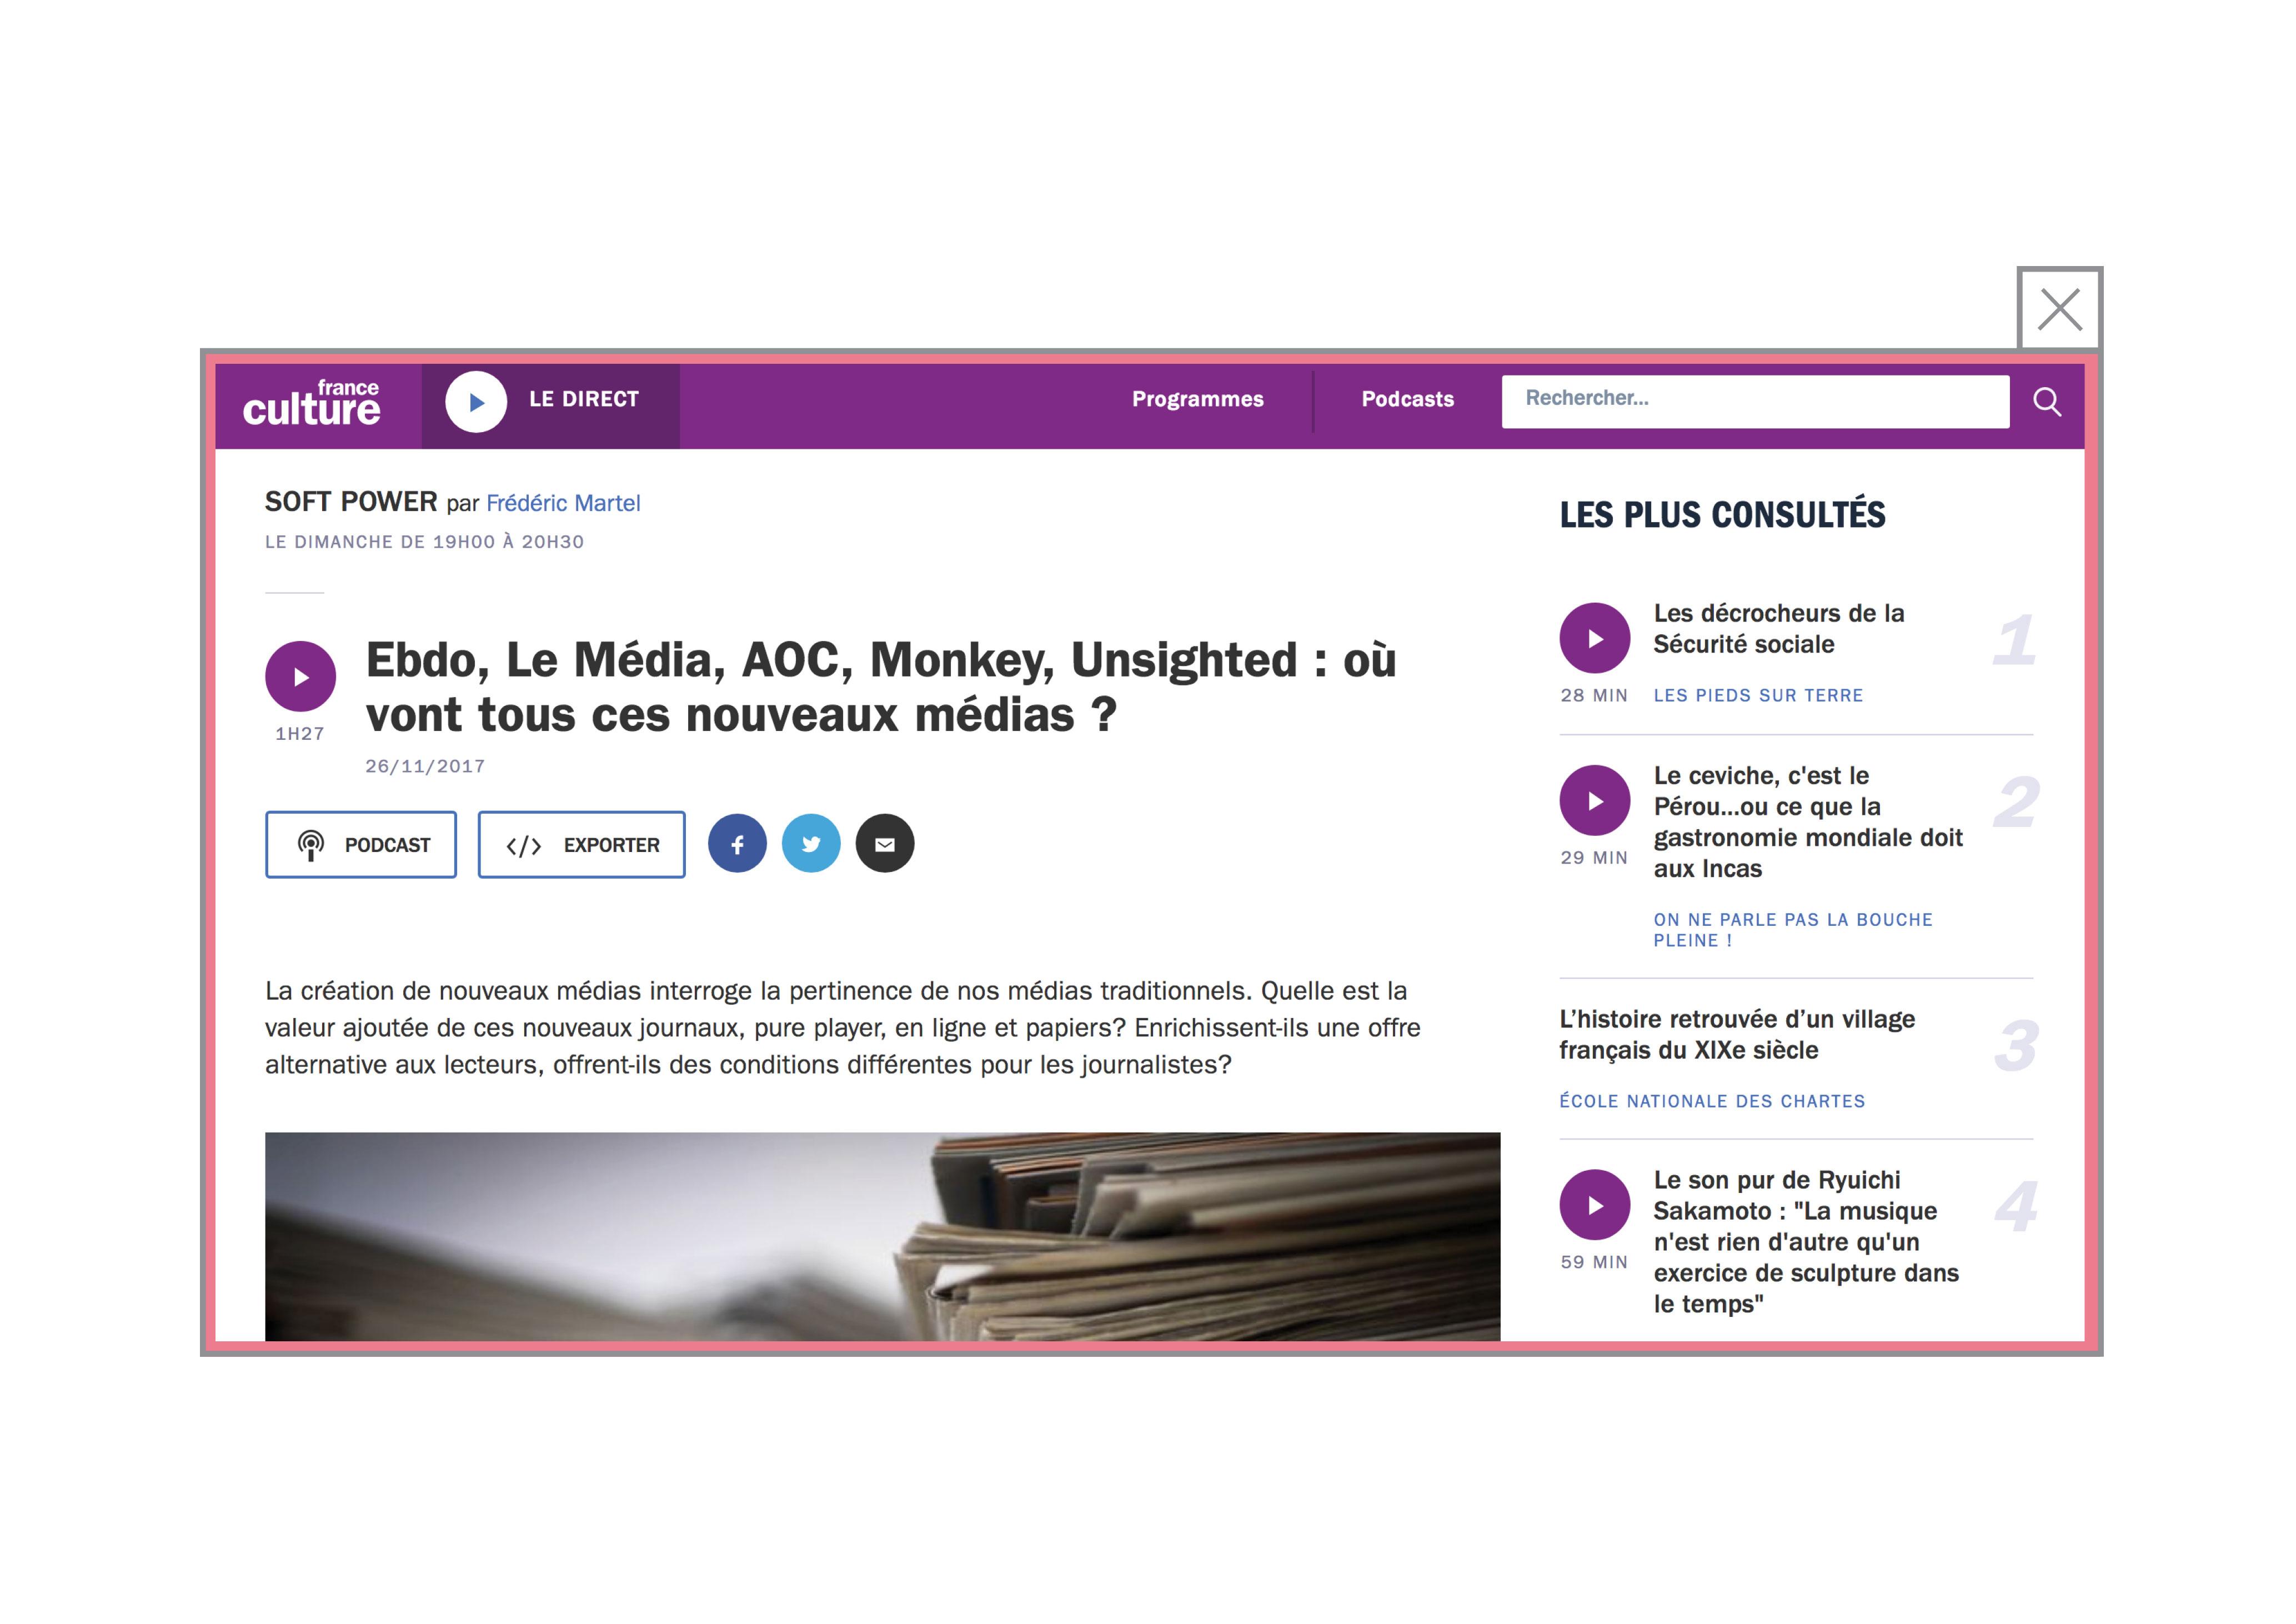 Unsighted, AOC, Le Media, Ebdo : où vont tous ces nouveaux médias ?